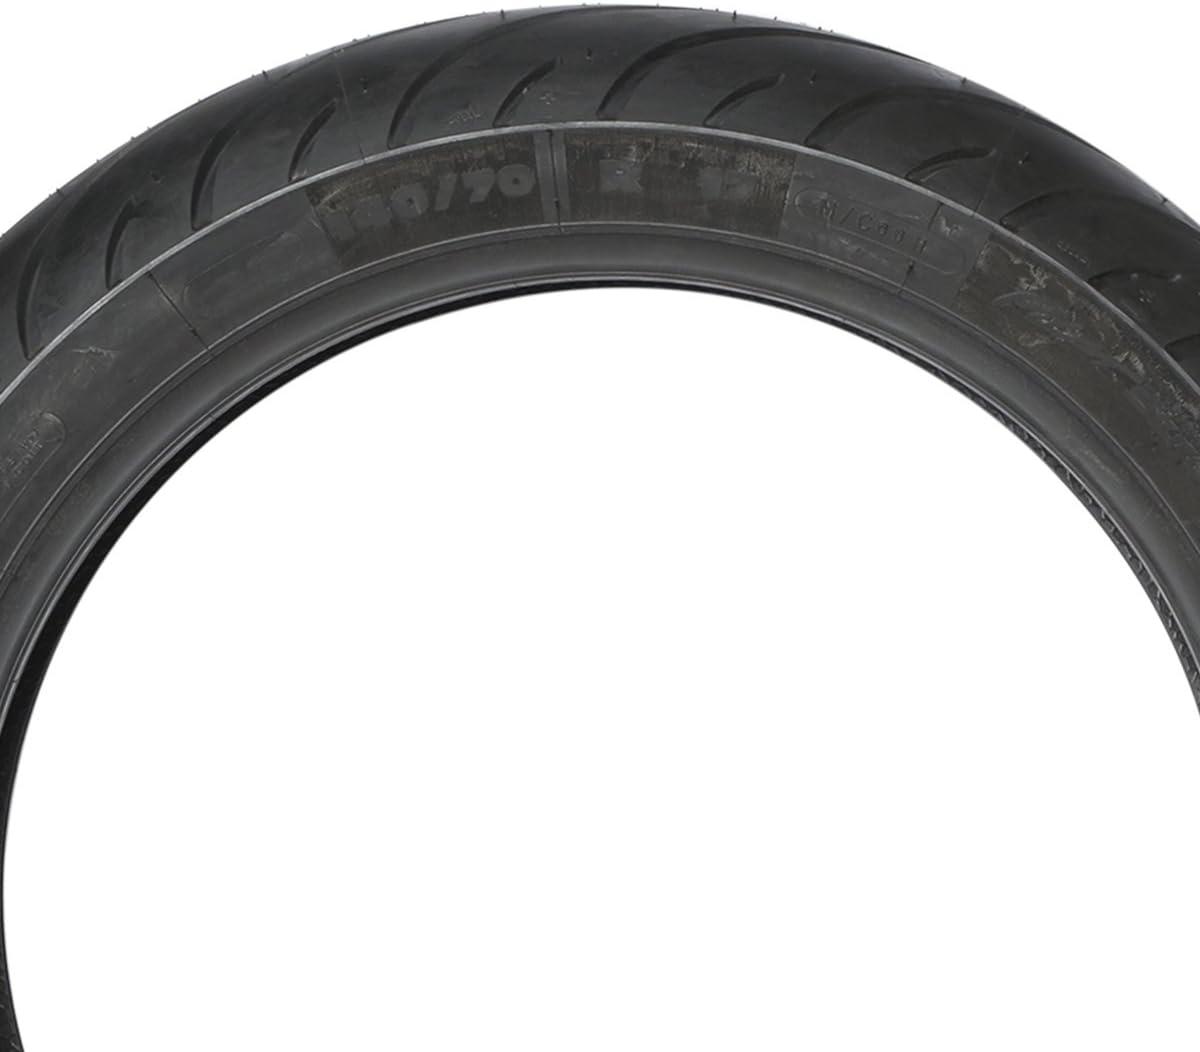 Michelin Pilot Street Radial Rear 140 70 R17 Tt Tl M C 66h Rear Of Wheel Auto